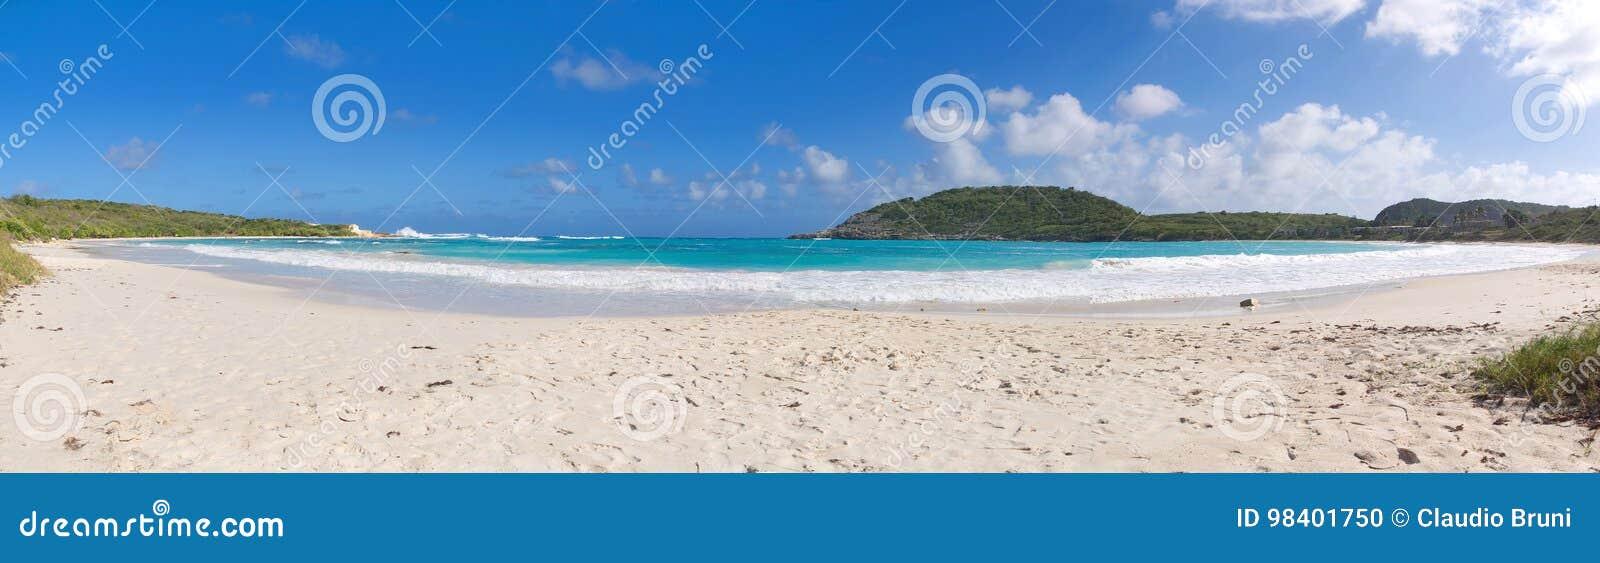 Costa di Half Moon Bay l Oceano Atlantico - isola tropicale caraibica - l Antigua e Barbuda